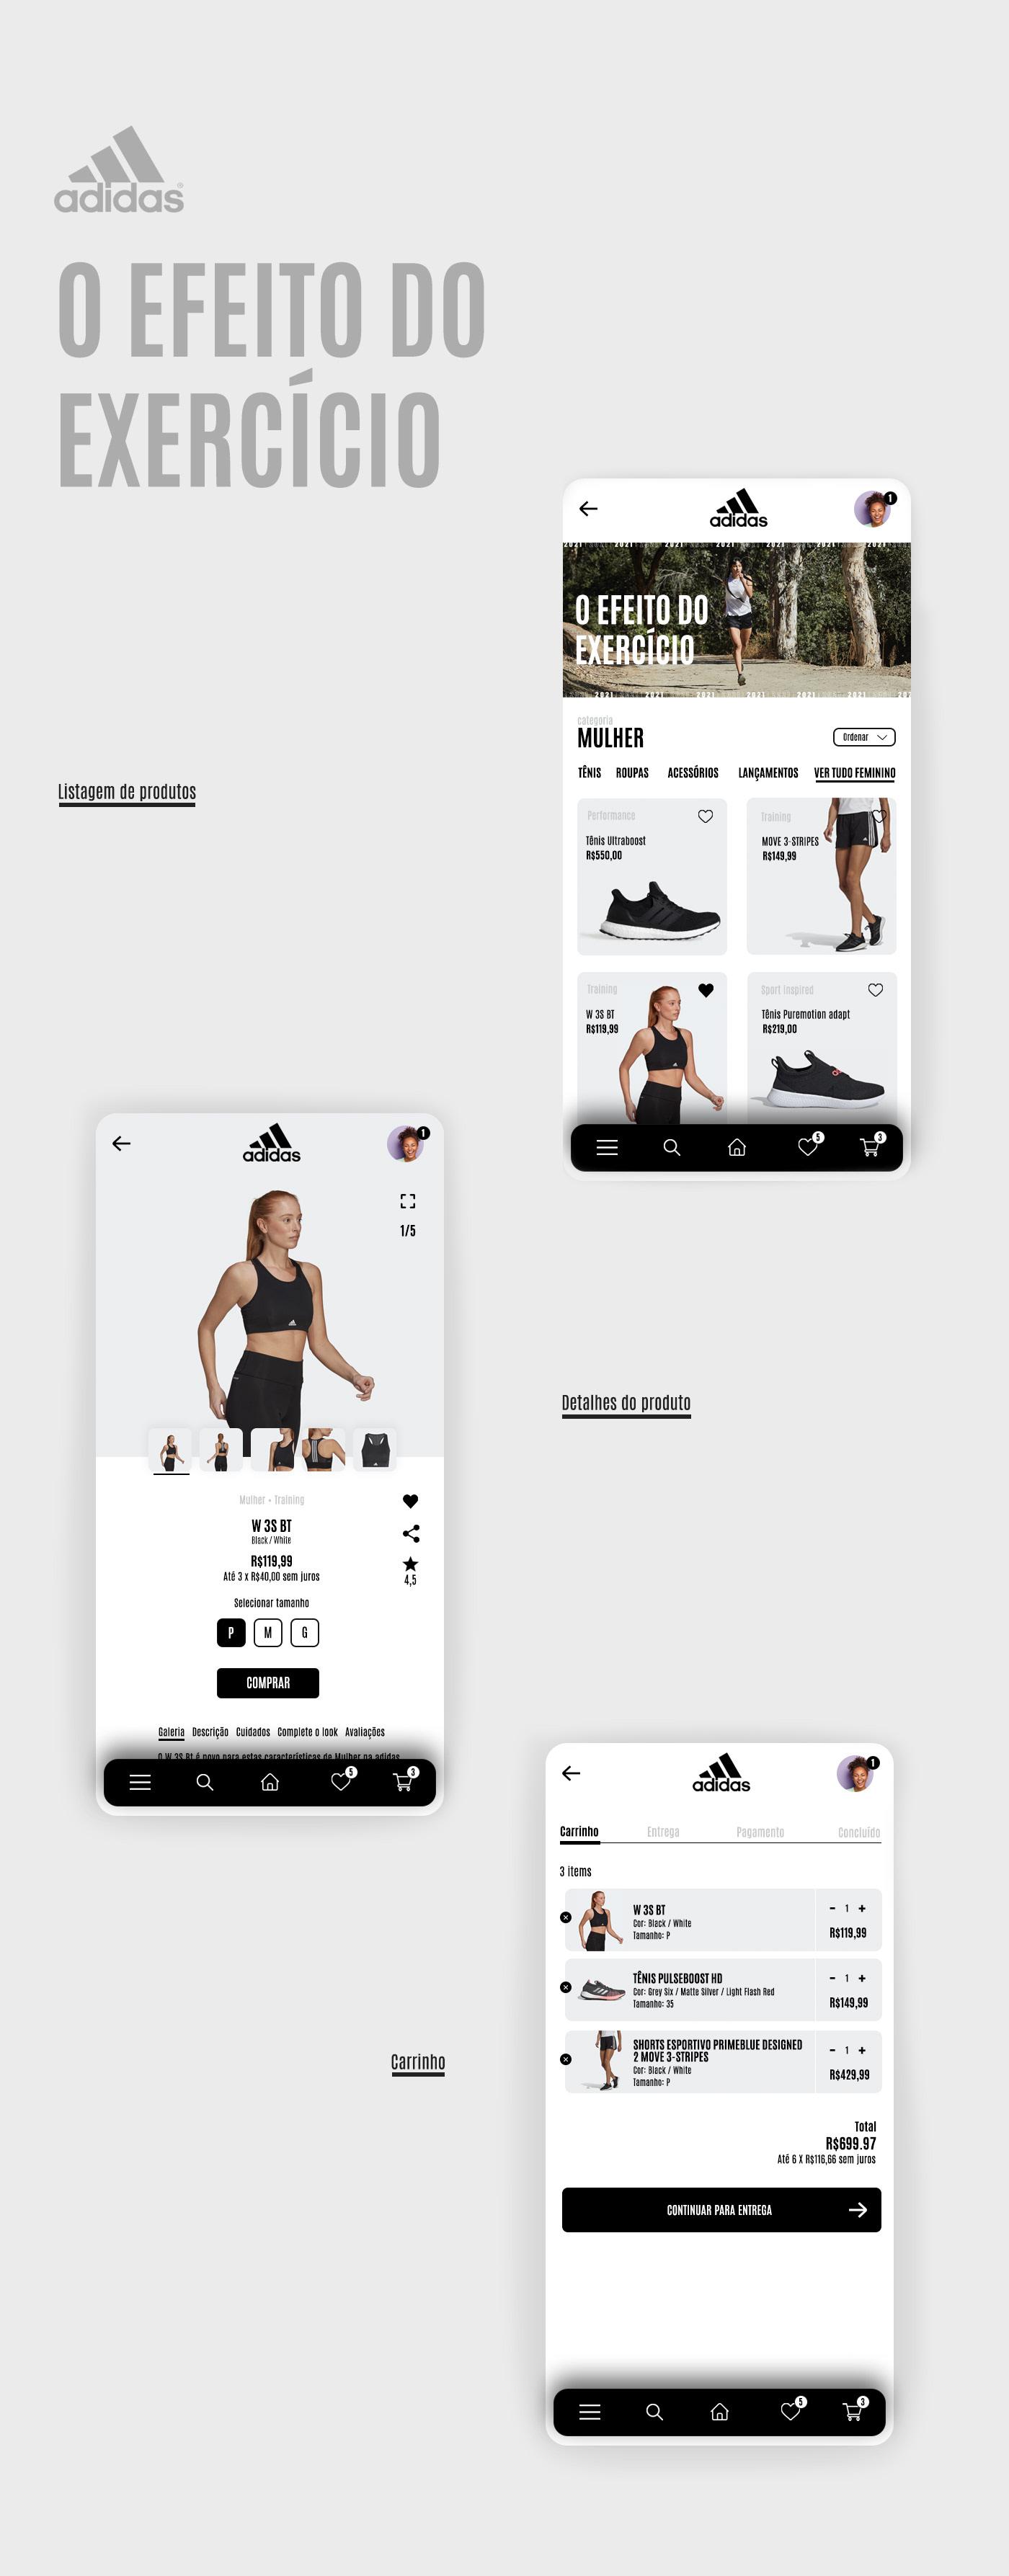 app design Ecommerce Interface shop UI ux